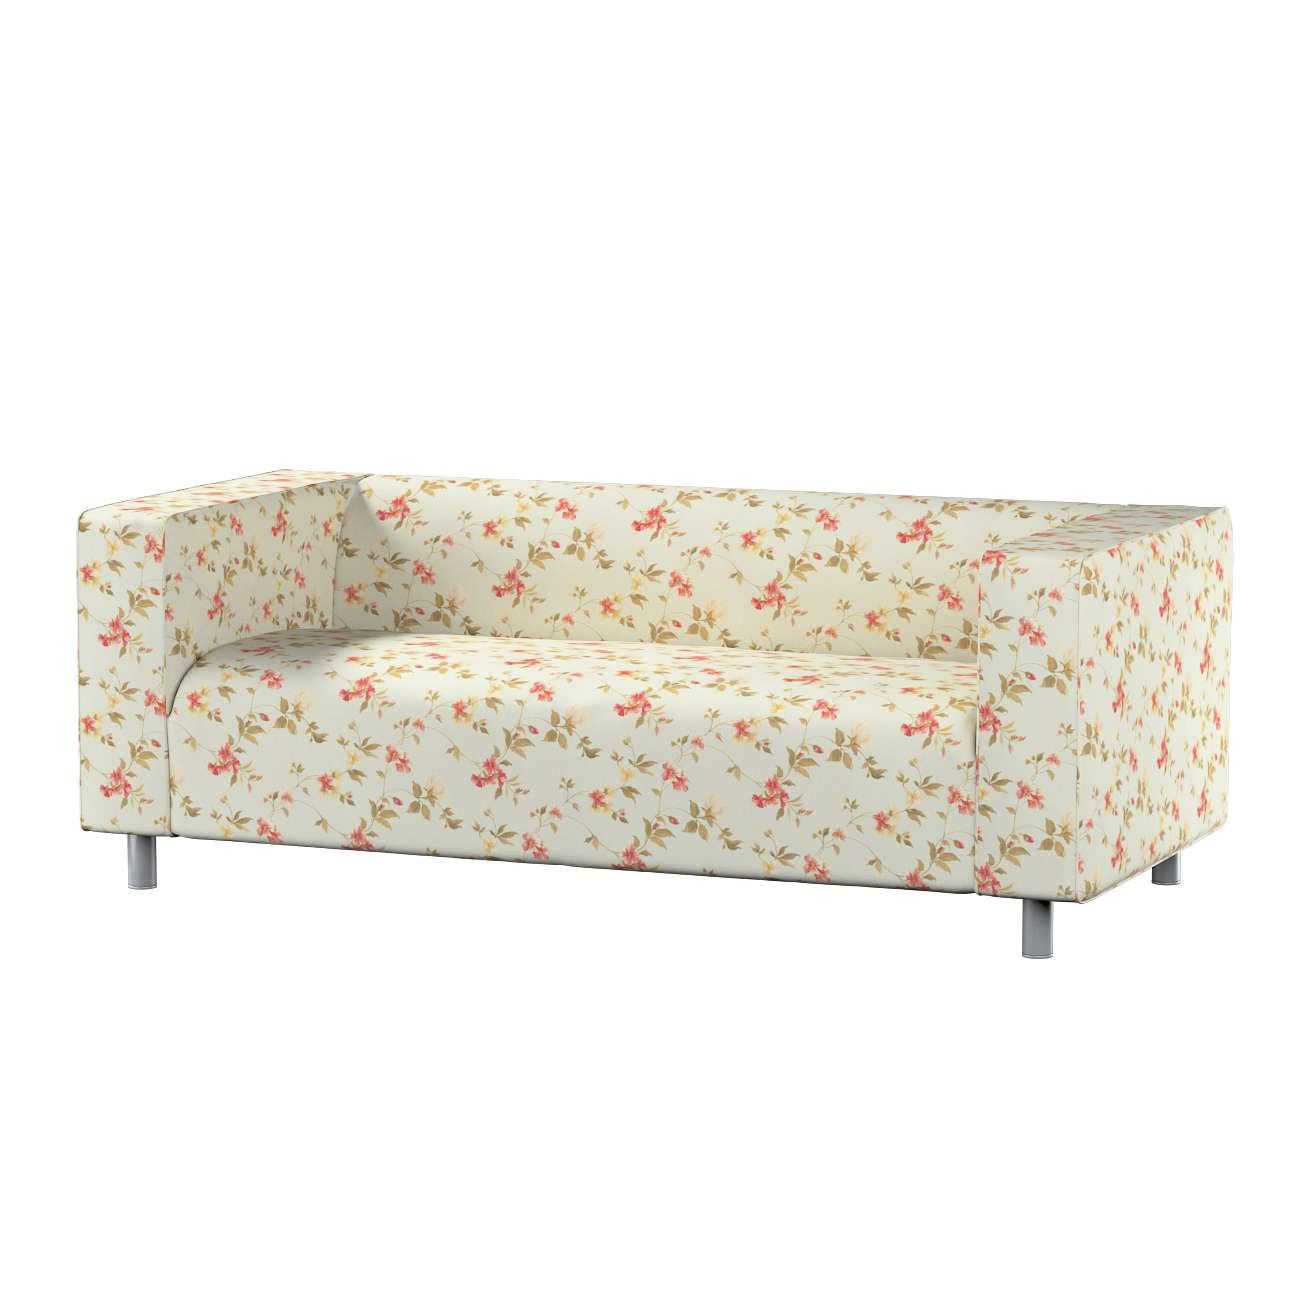 Pokrowiec na sofę Klippan 2-osobową Sofa Klippan 2-osobowa w kolekcji Londres, tkanina: 124-65